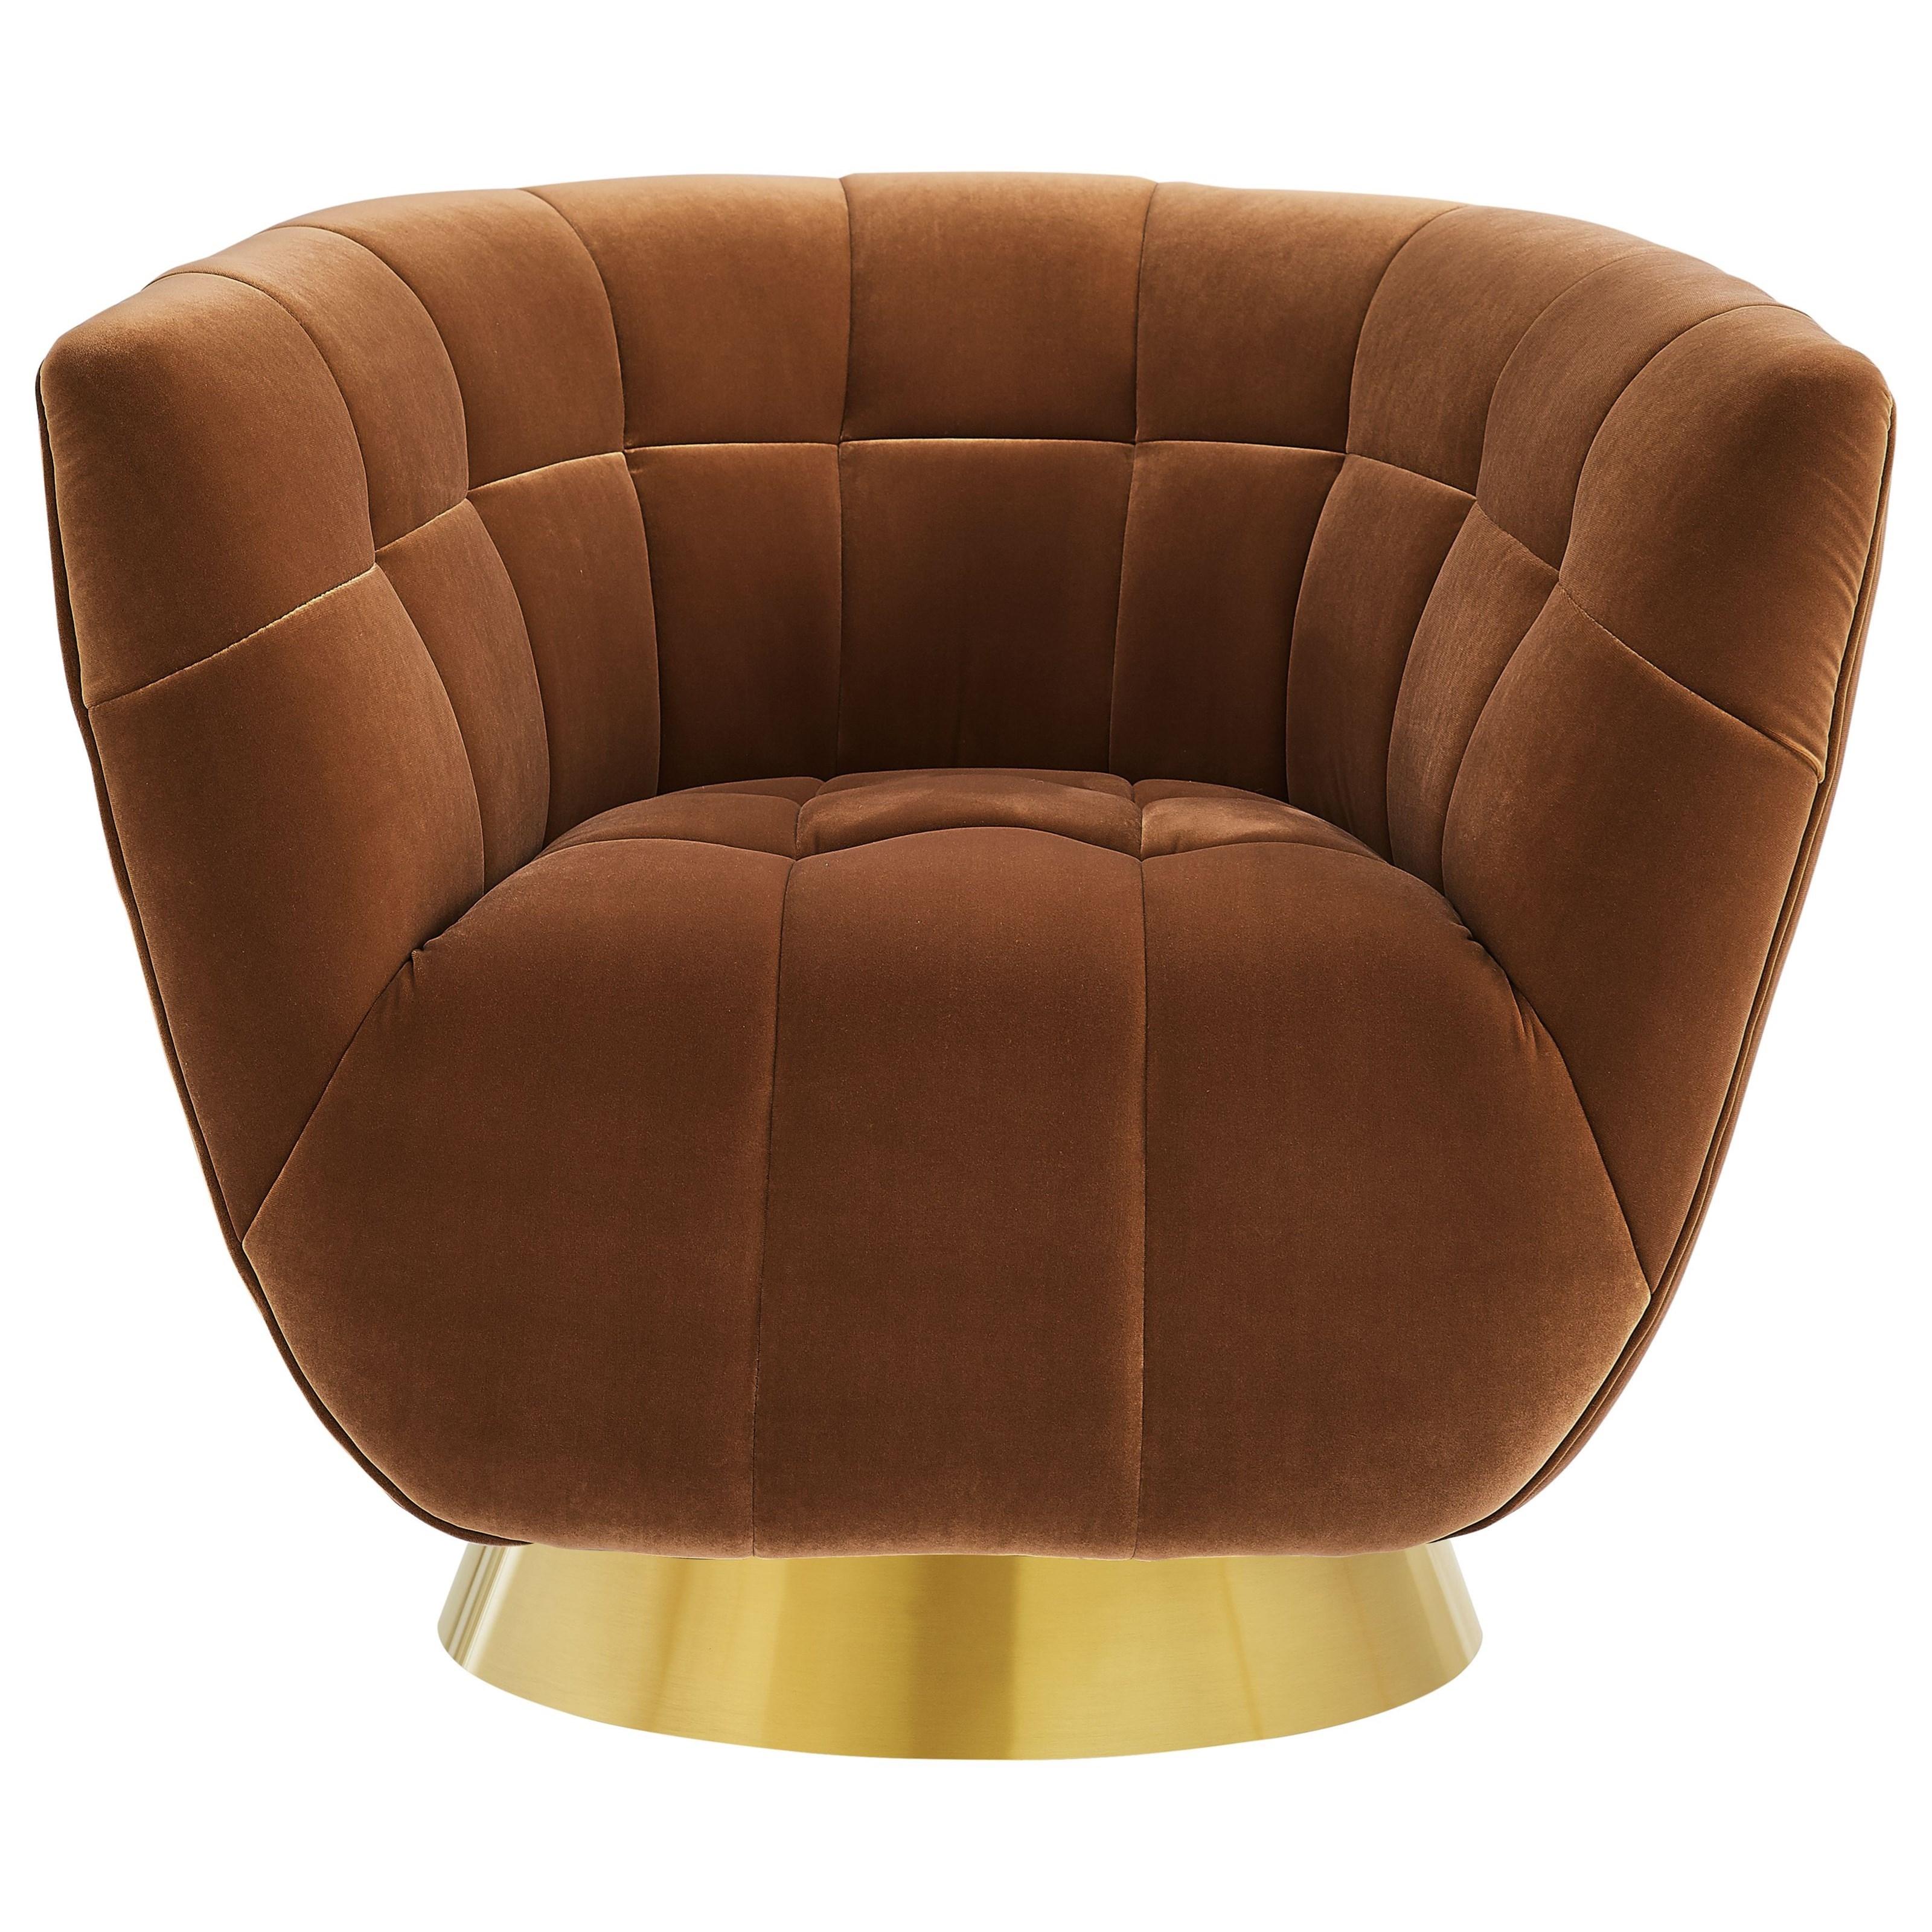 Hanna Velvet Swivel Chair by Steve Silver at Standard Furniture